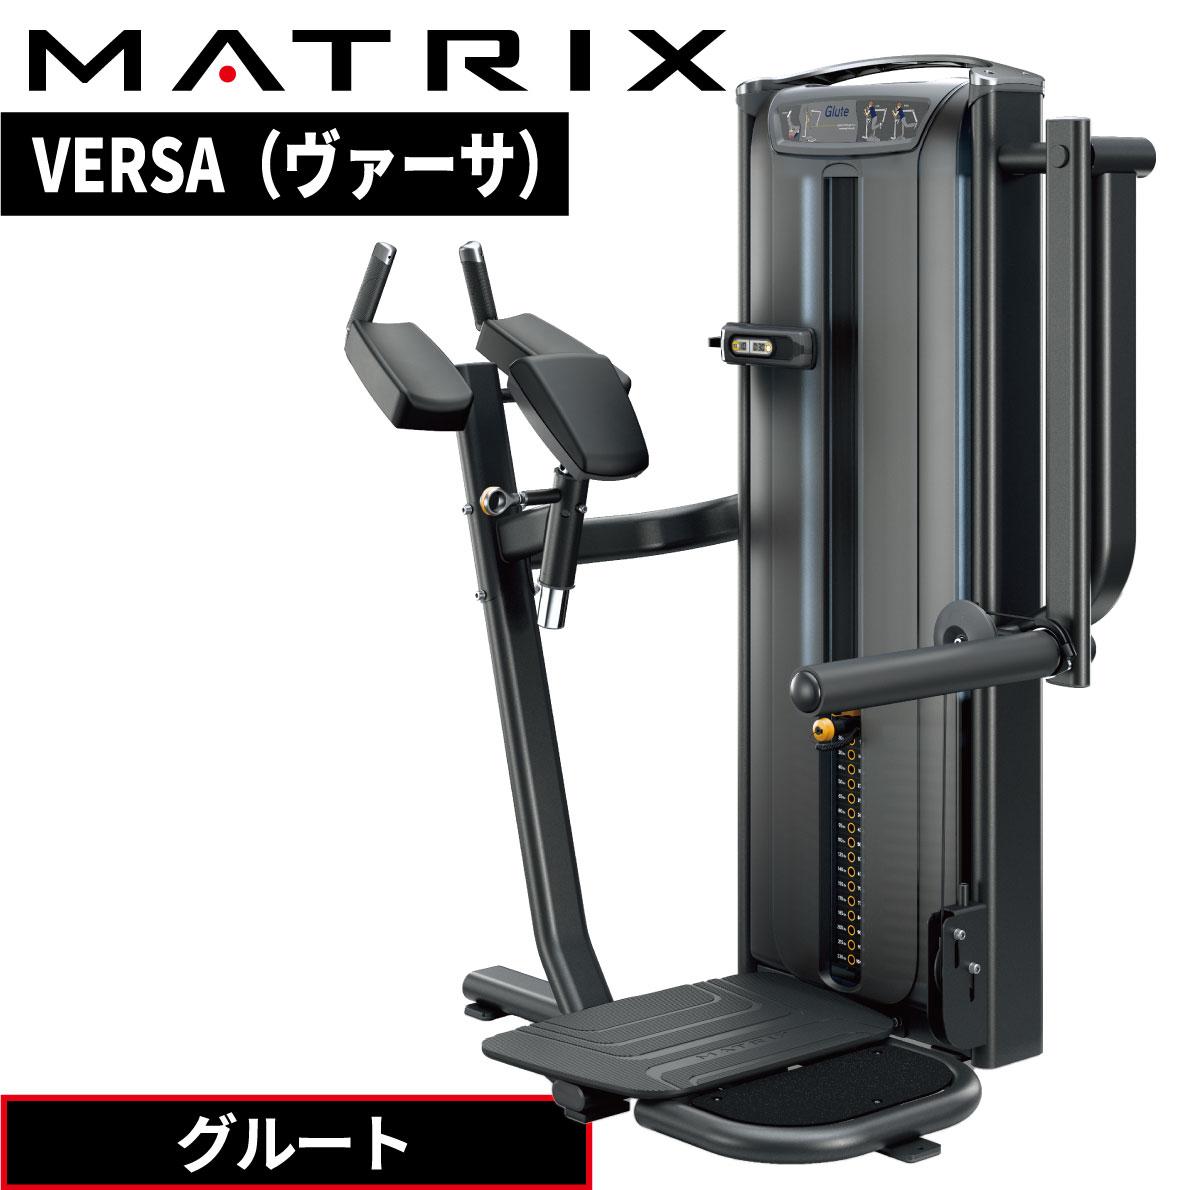 ストレングスマシン ウエイトマシン グルート トレーニングマシン 業務用 VERSAシリーズ VS-S78 ジョンソン ジョンソンヘルステック ウエイトトレーニング 業務用MATRIX 業務用フィットネスマシン